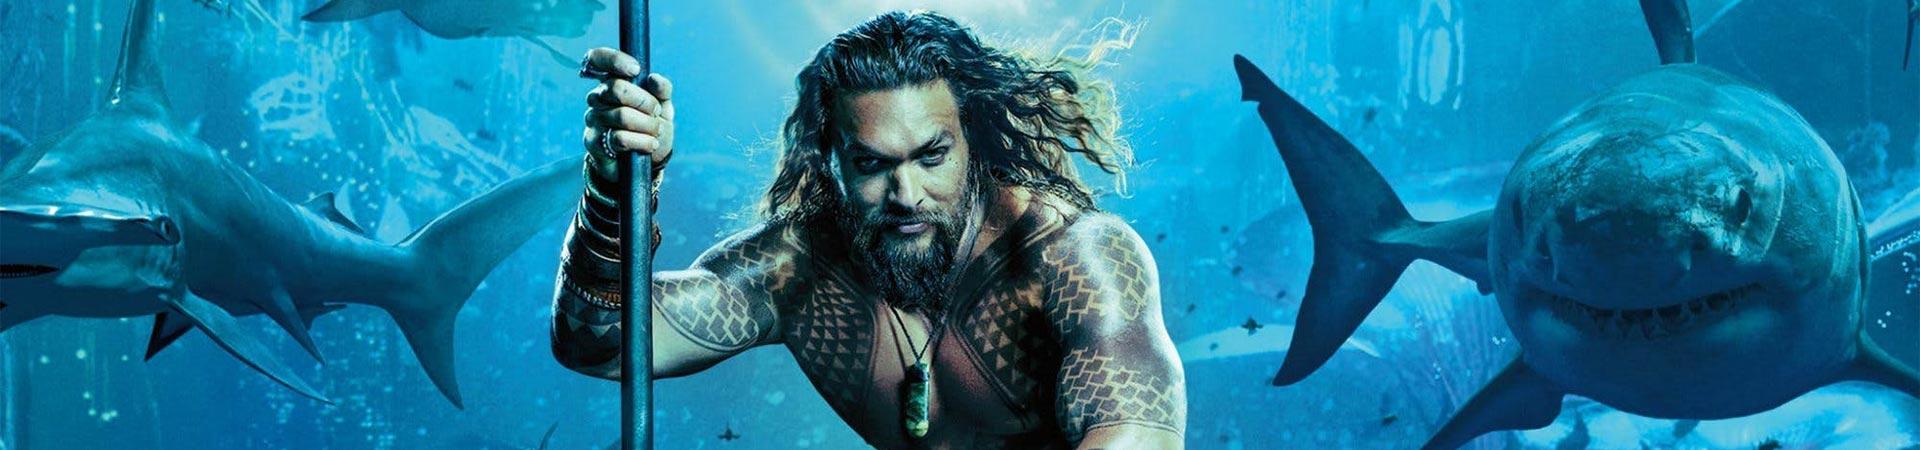 MainSlider-Aquaman